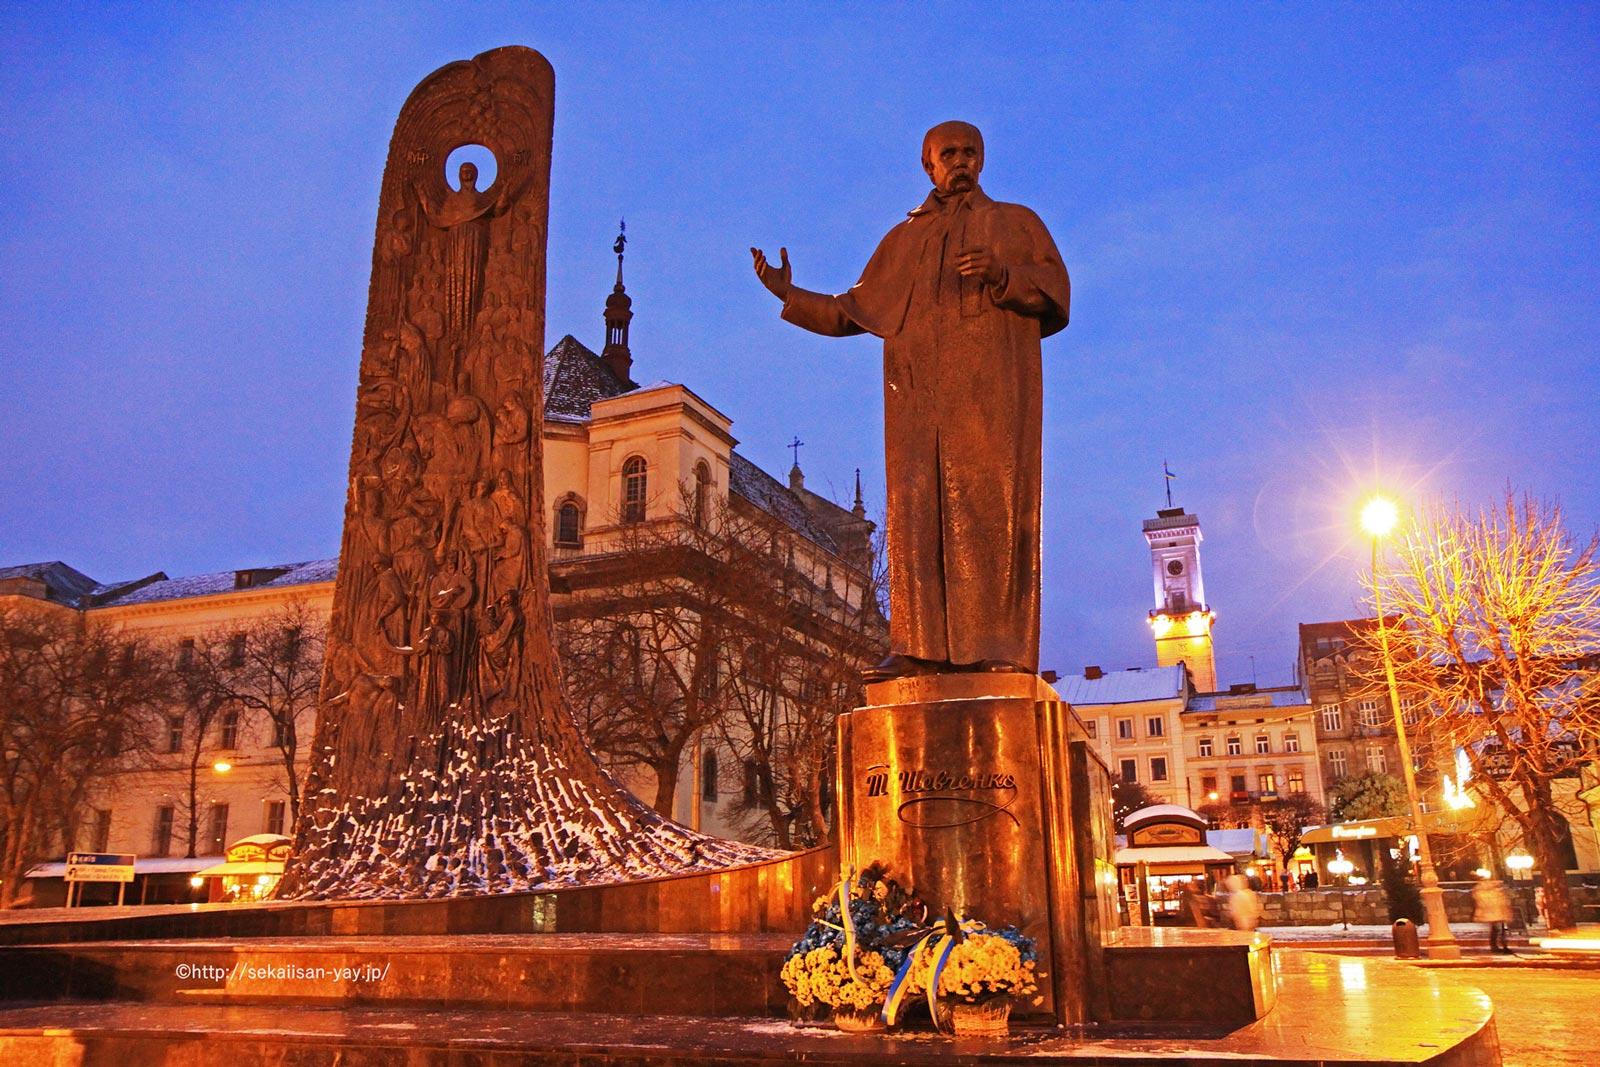 ウクライナ「リヴィフ歴史地区」